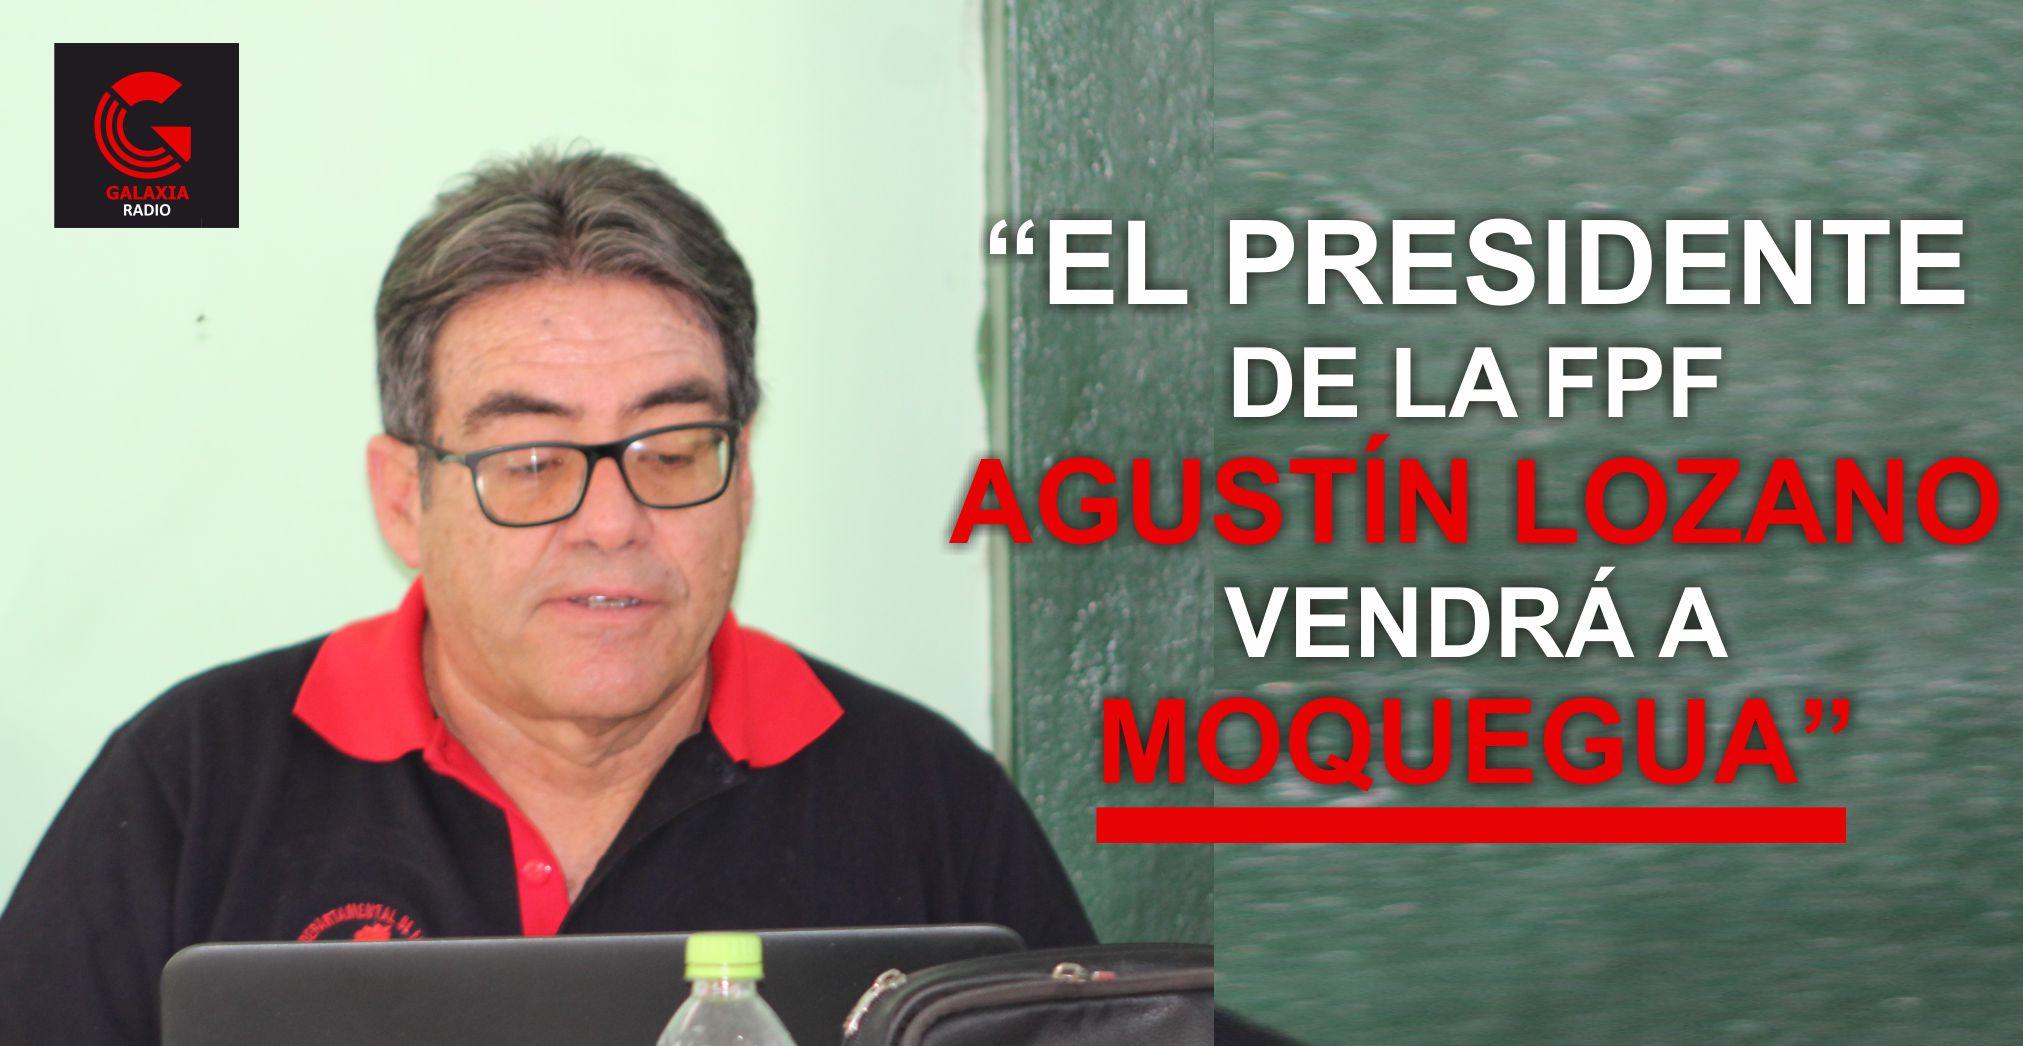 José Ríos Presidente de la LIDEFMO anuncia llegada de Agustín Lozano a Moquegua